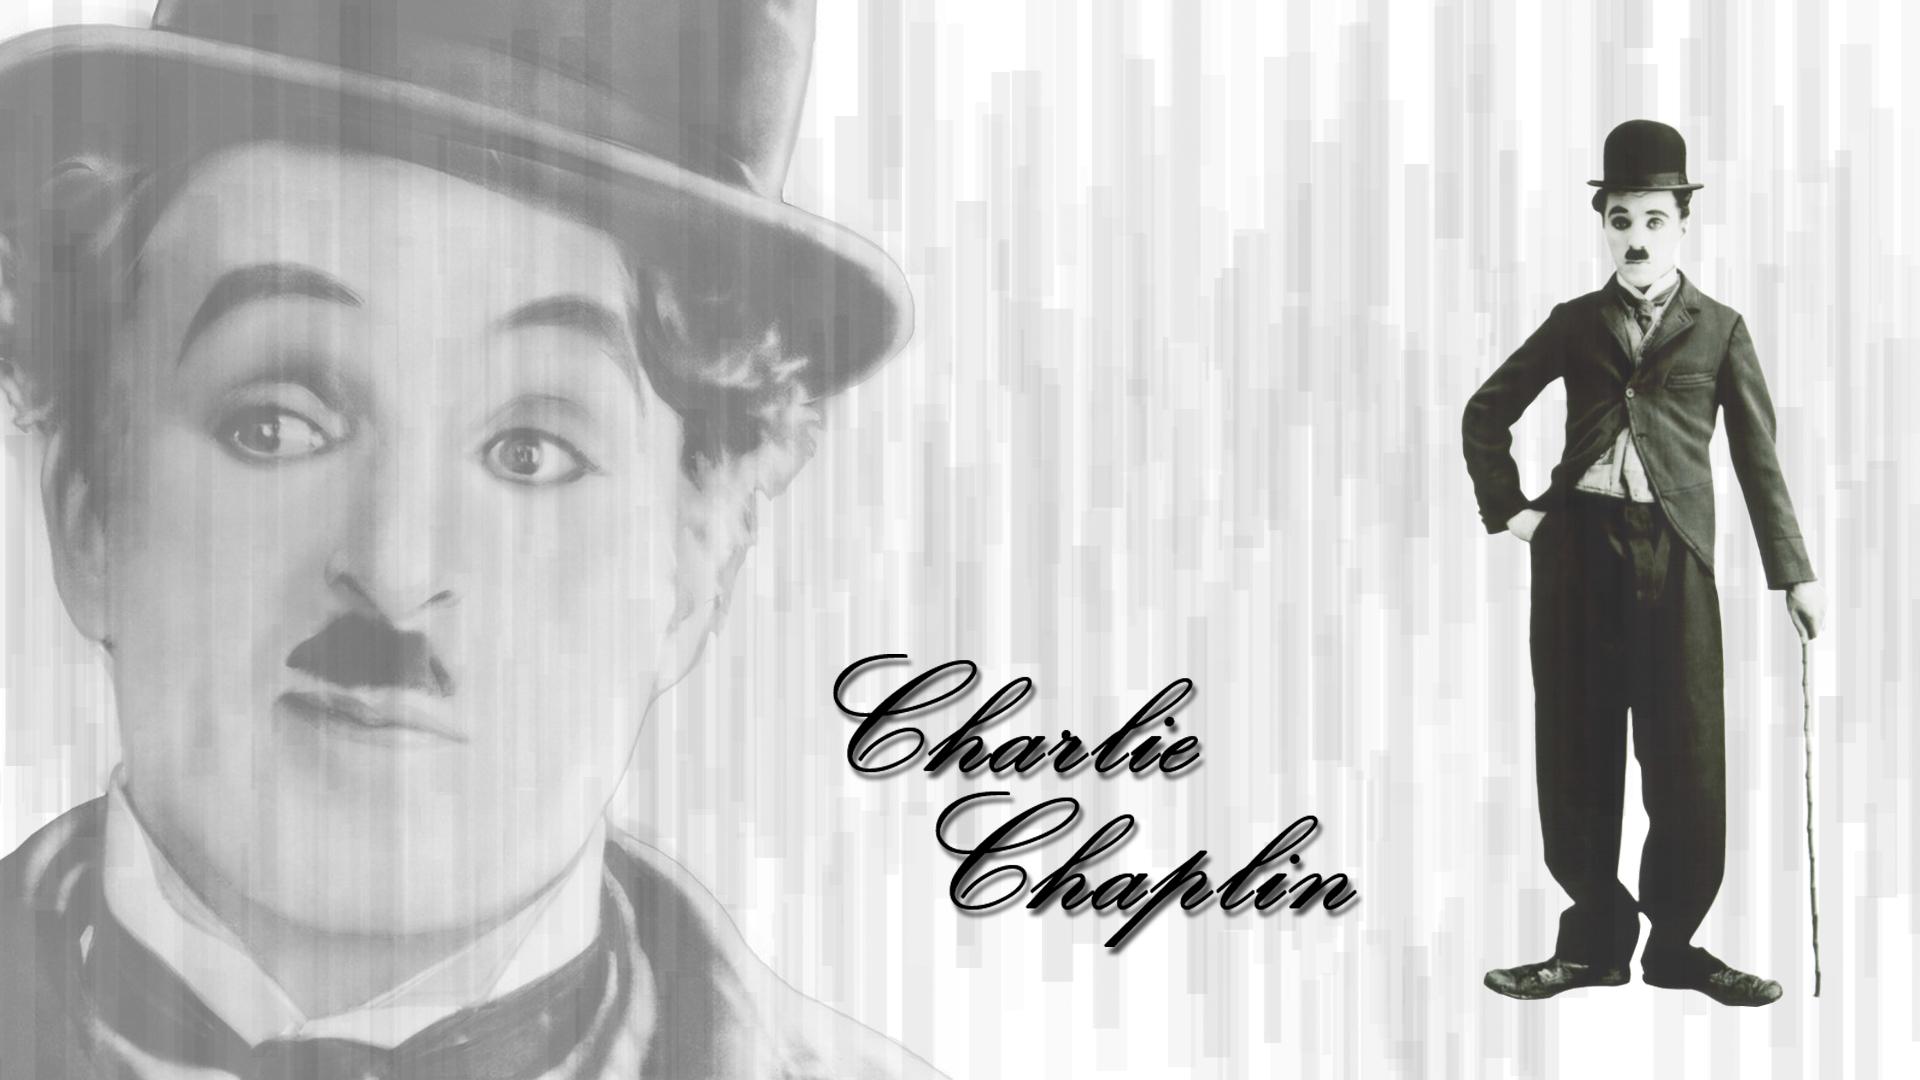 Charlie Chaplin Wallpaper   Charlie Chaplin Wallpaper 26979945 1920x1080